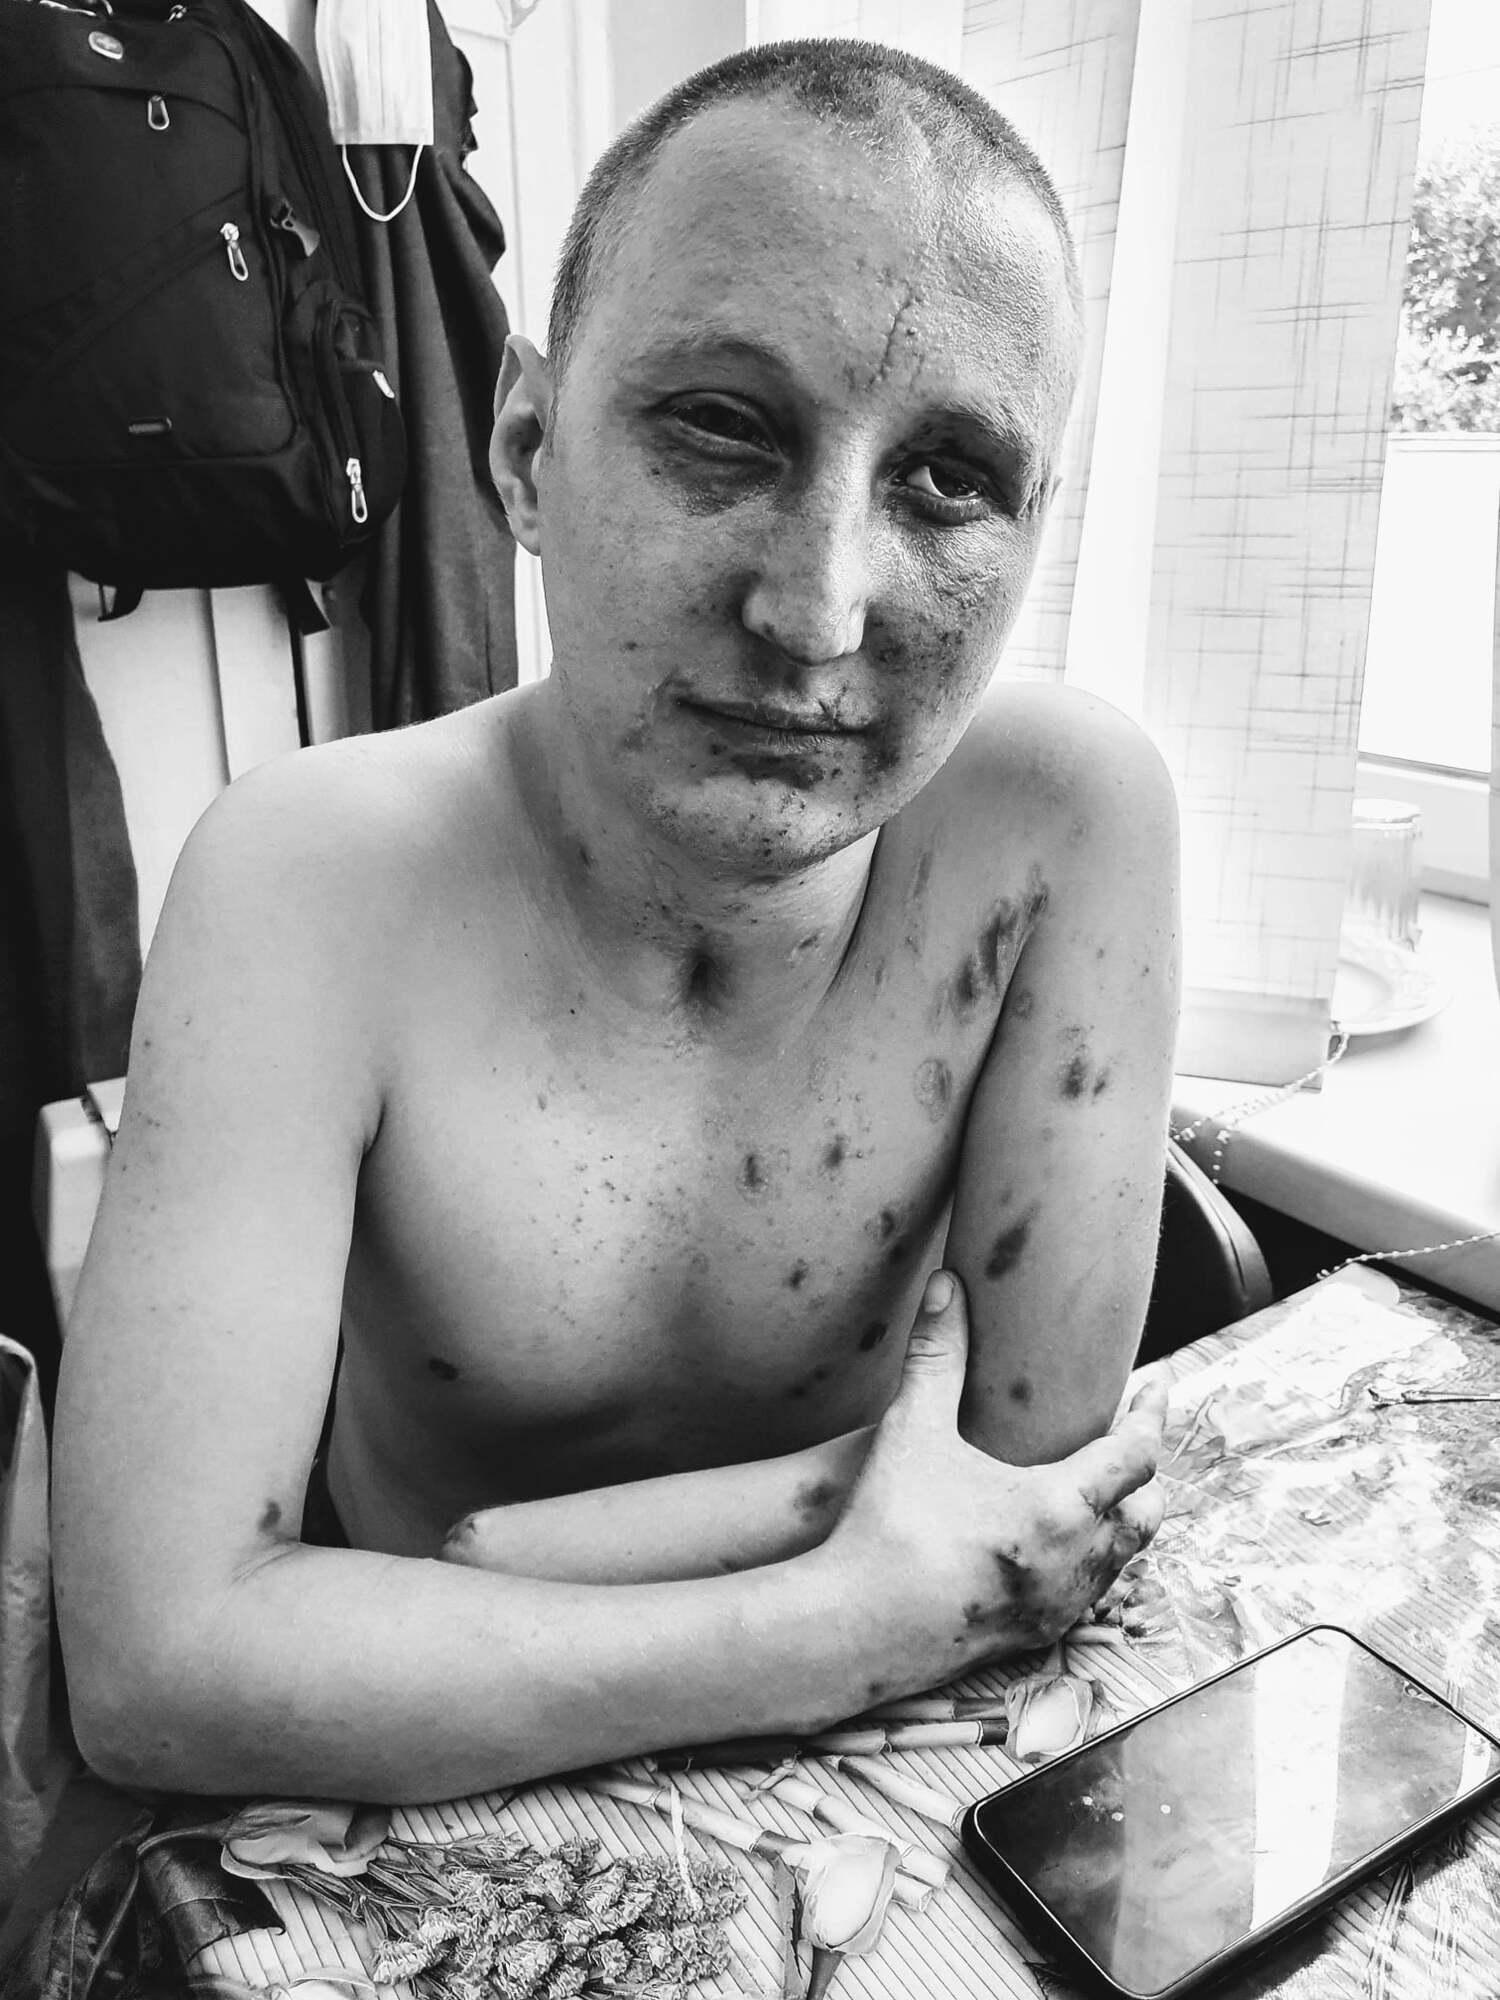 Лечение Виталия после ранения продолжается уже 5 месяц. За это время он ни разу не был дома